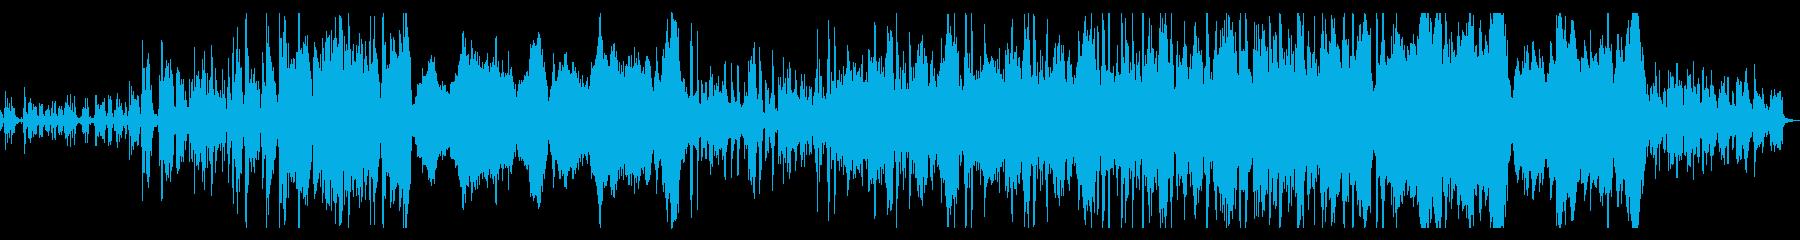 躍動的で新しい始まりを感じさせるオケ曲の再生済みの波形